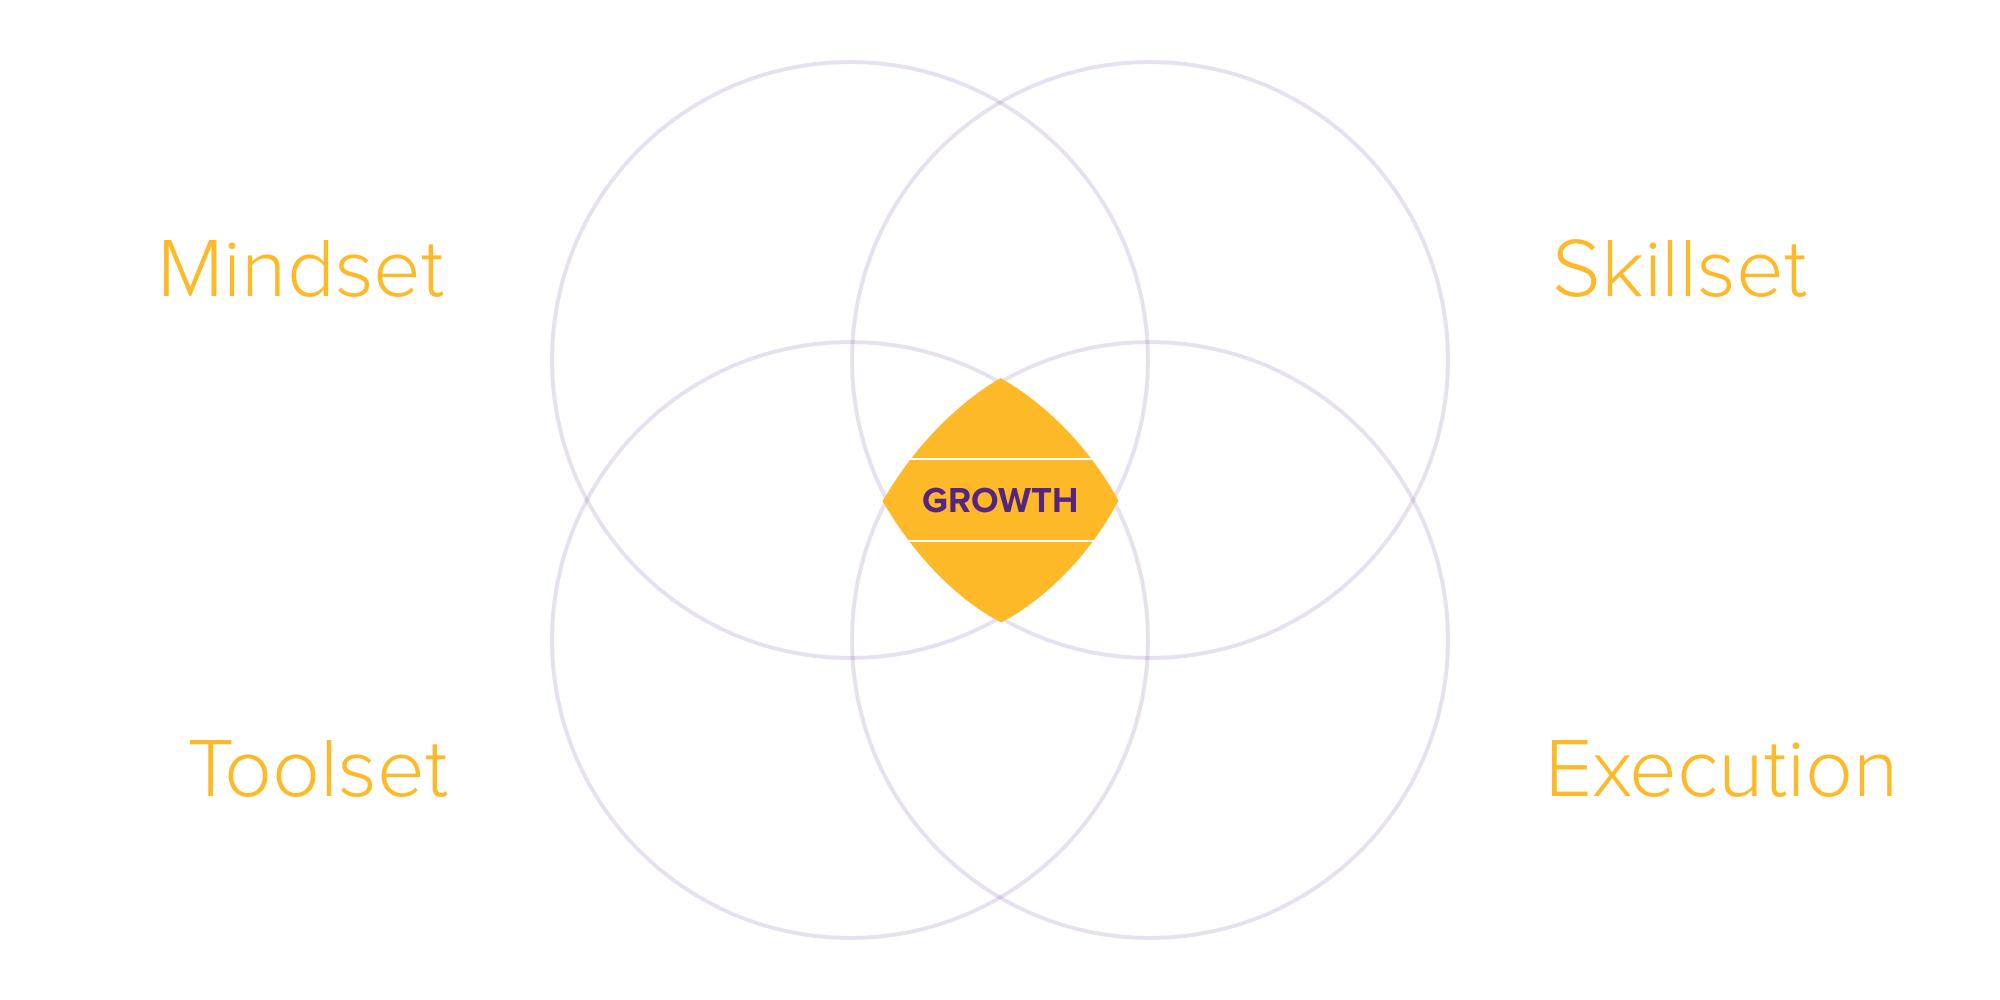 Mindset + Skillset + Toolset + Execution = Growth